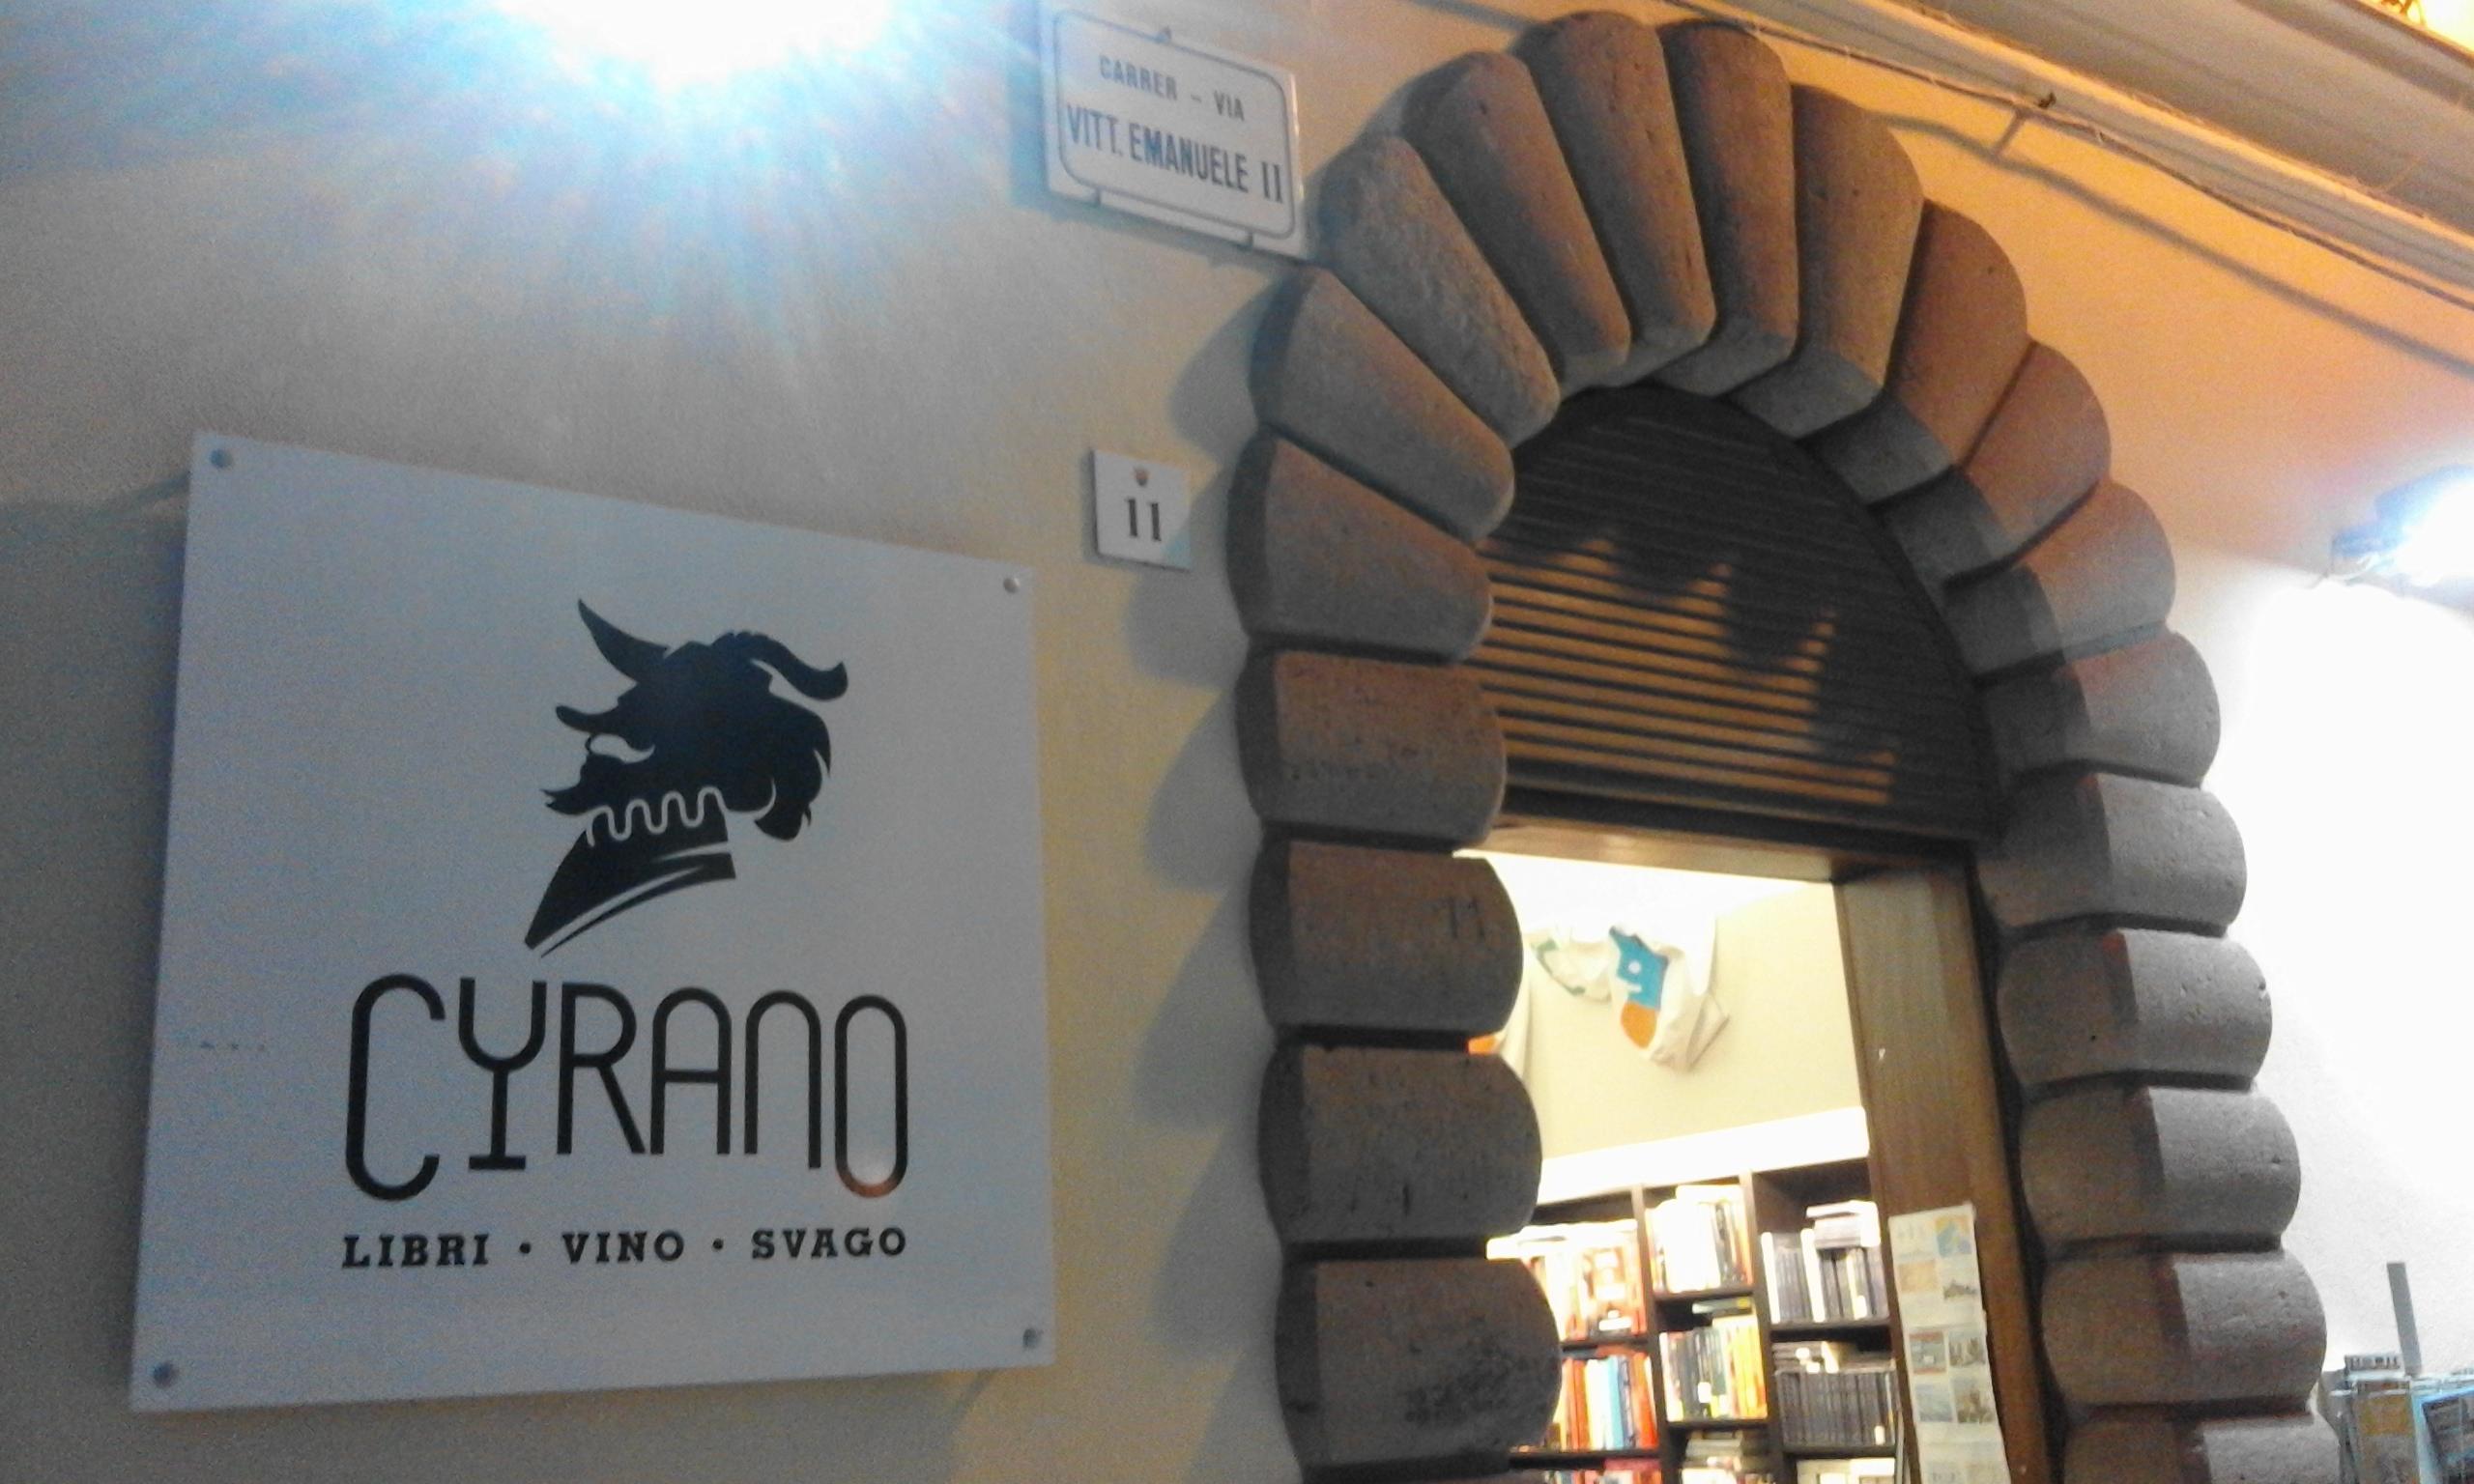 Cyrano bookshop Alghero Sardinia Italy